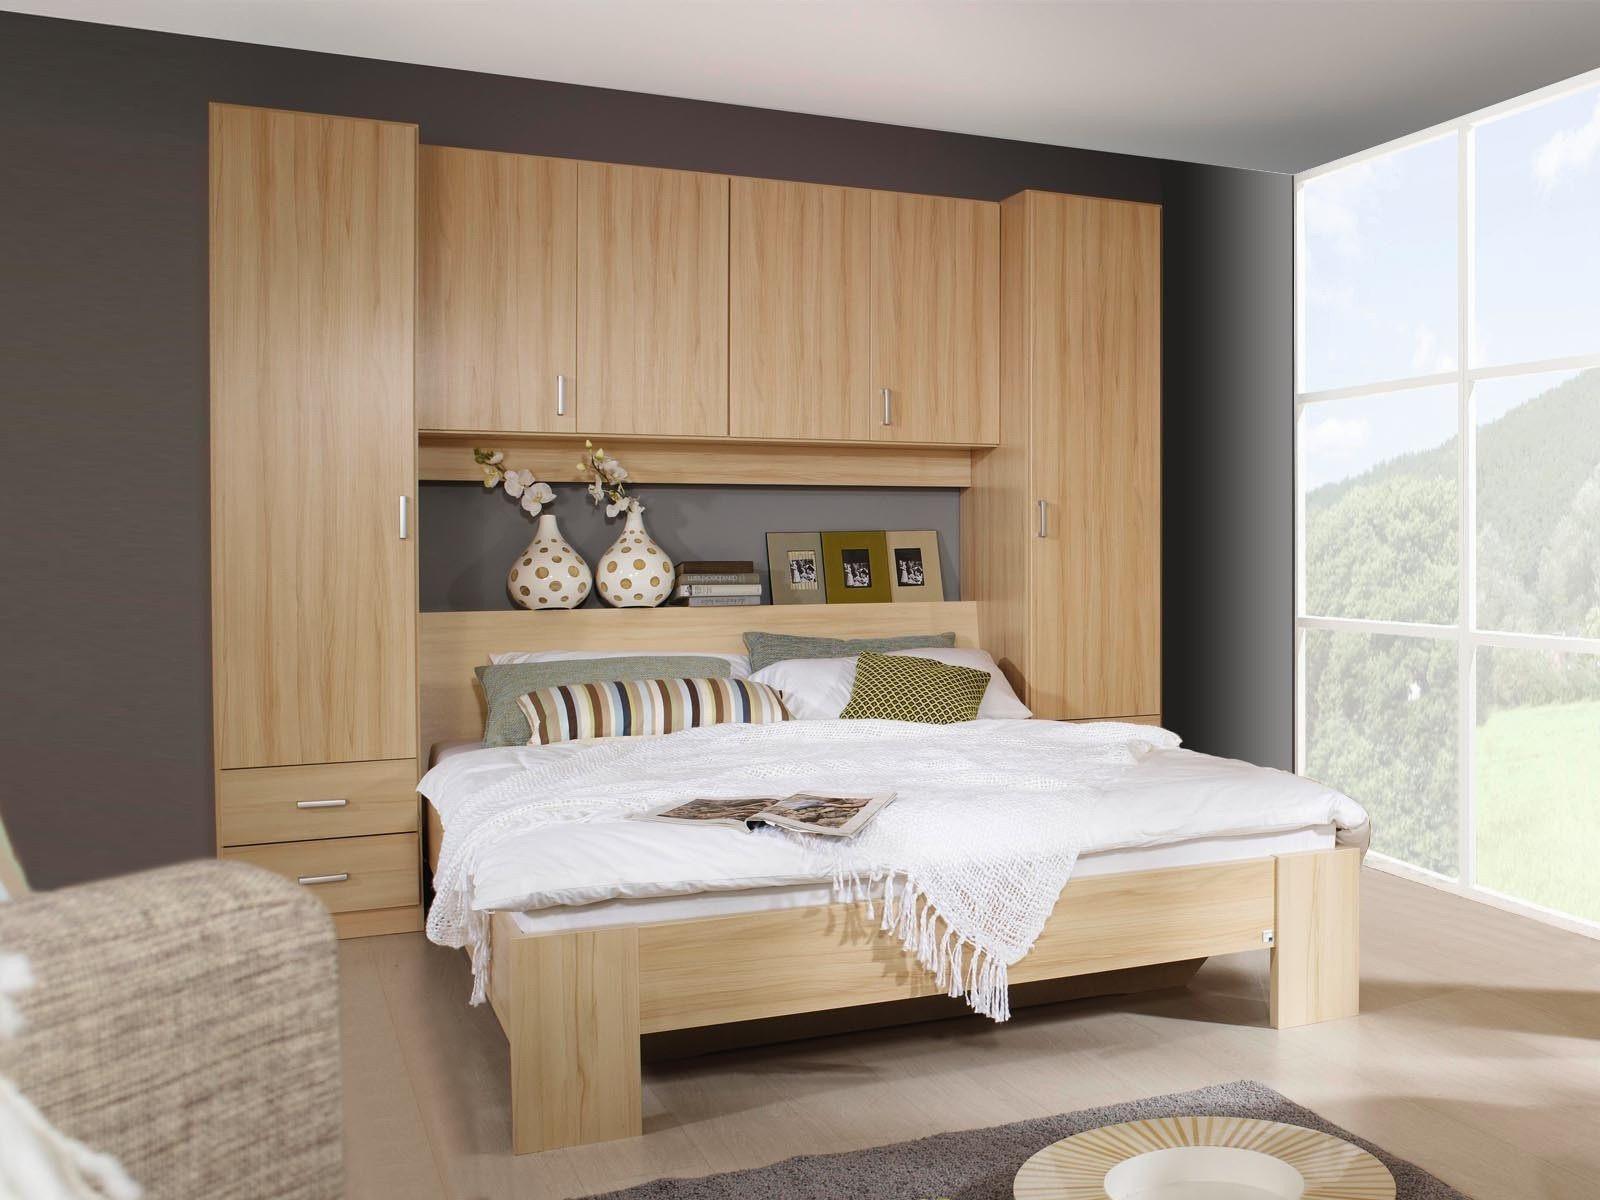 Lit Avec Tête De Lit Rangement 160 X 200 Frais Achat Tete De Lit Capitonnée Beau S Table Dazzling Chambre Avec